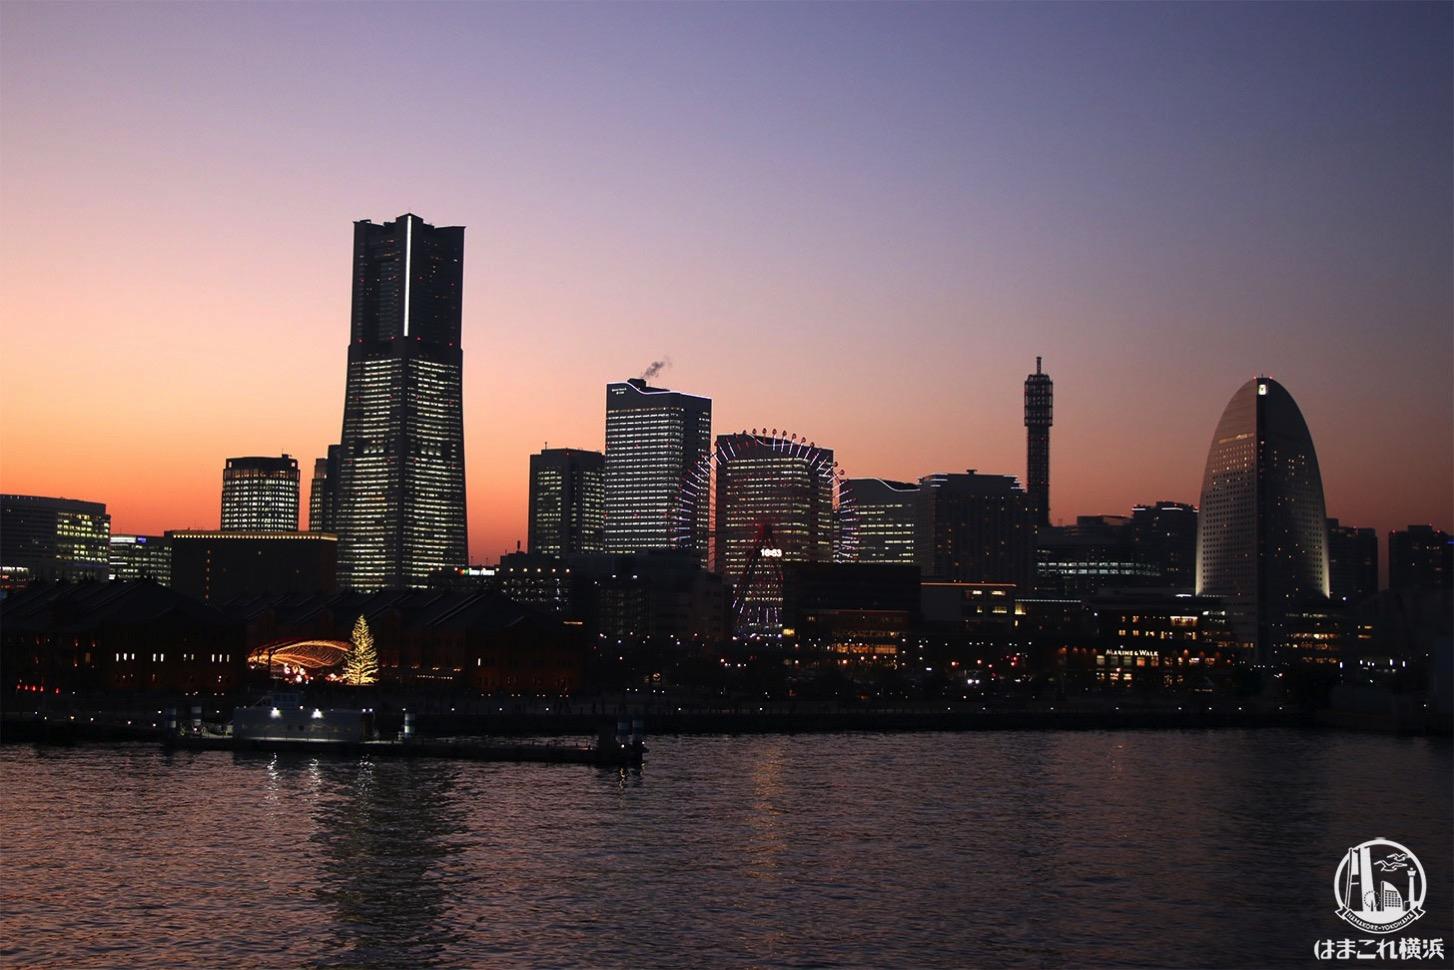 横浜港大さん橋国際客船ターミナル 屋上から見たみなとみらいの夕景